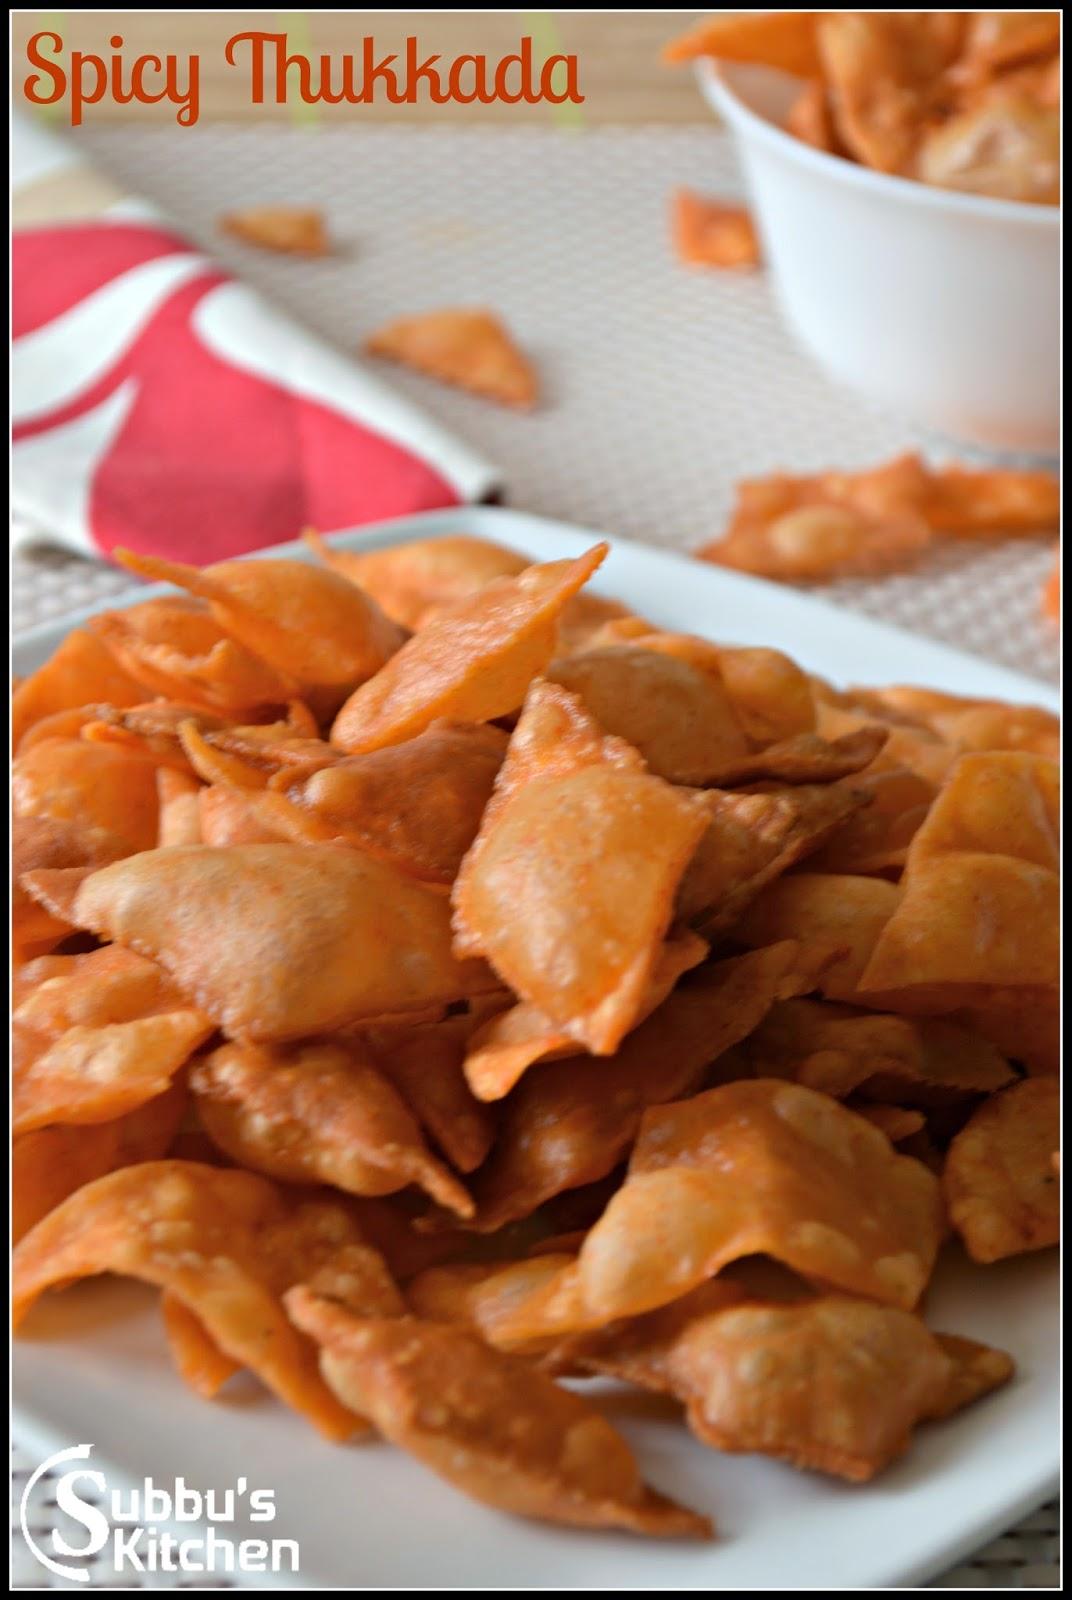 Thukkada (Spicy Thukkada)